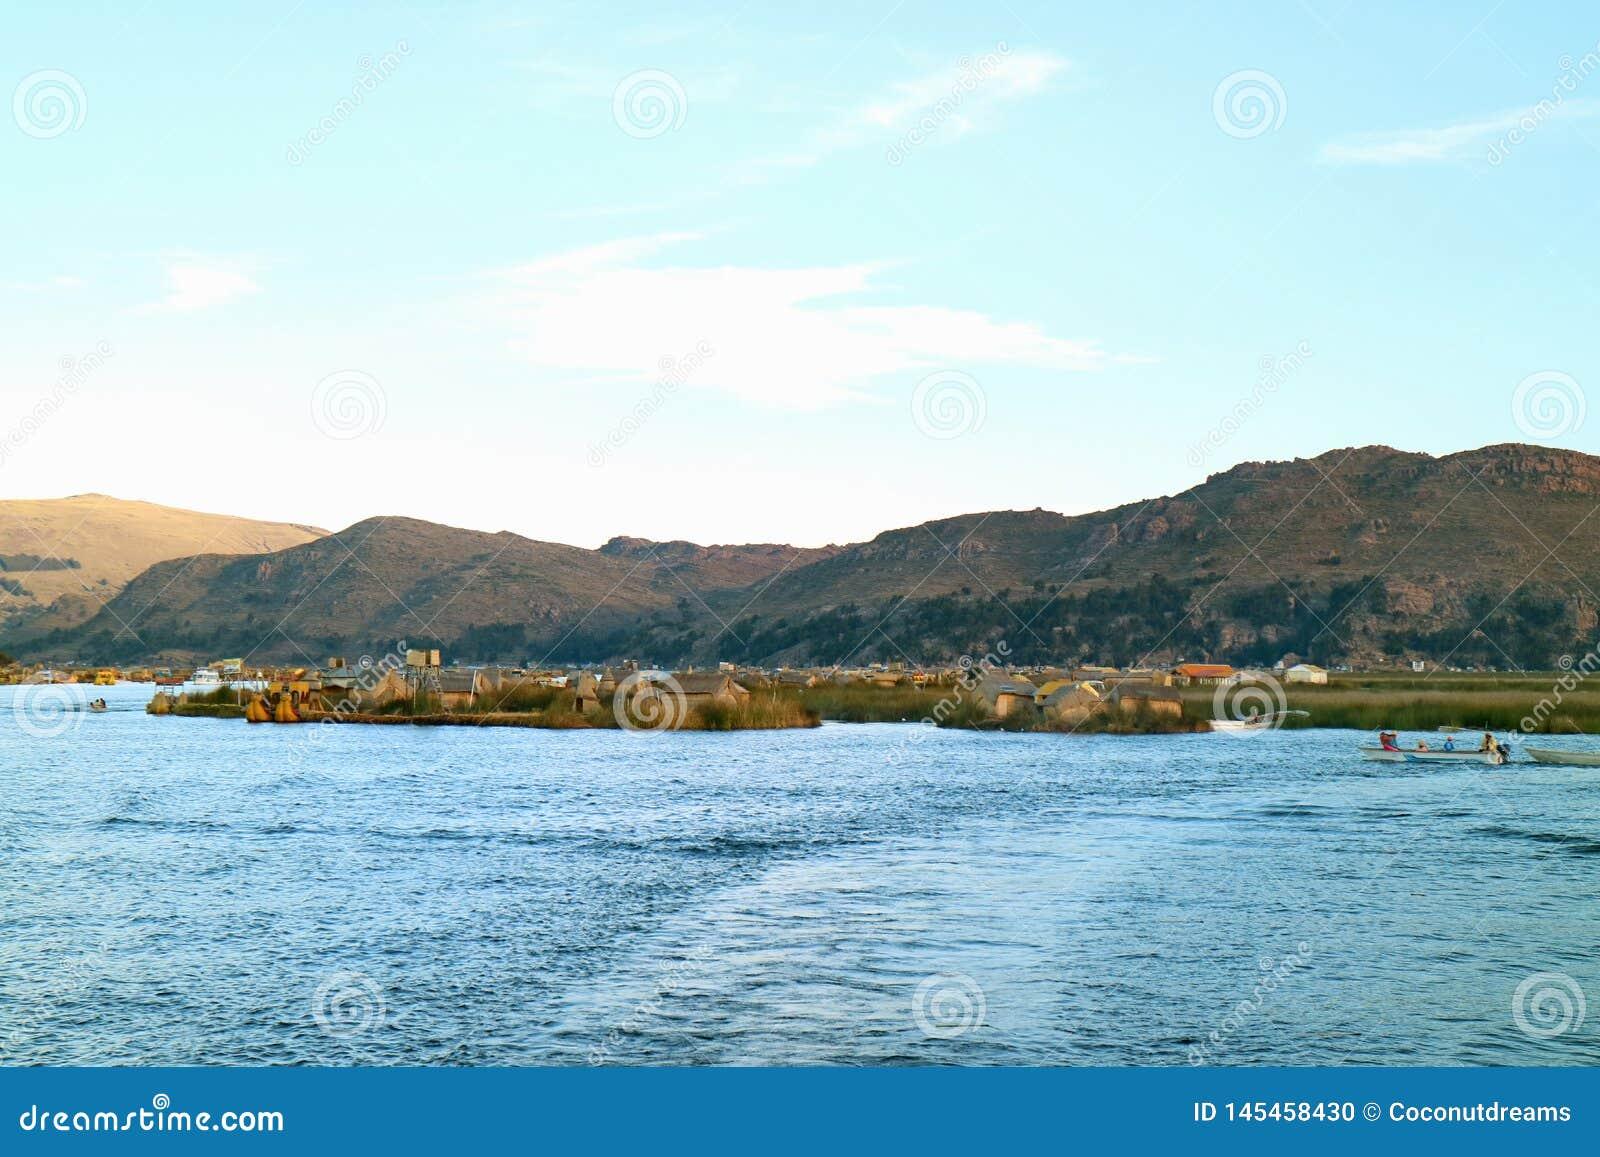 Uros Floating Islands e canottaggio locale della gente sul Titicaca di Puno, Perù